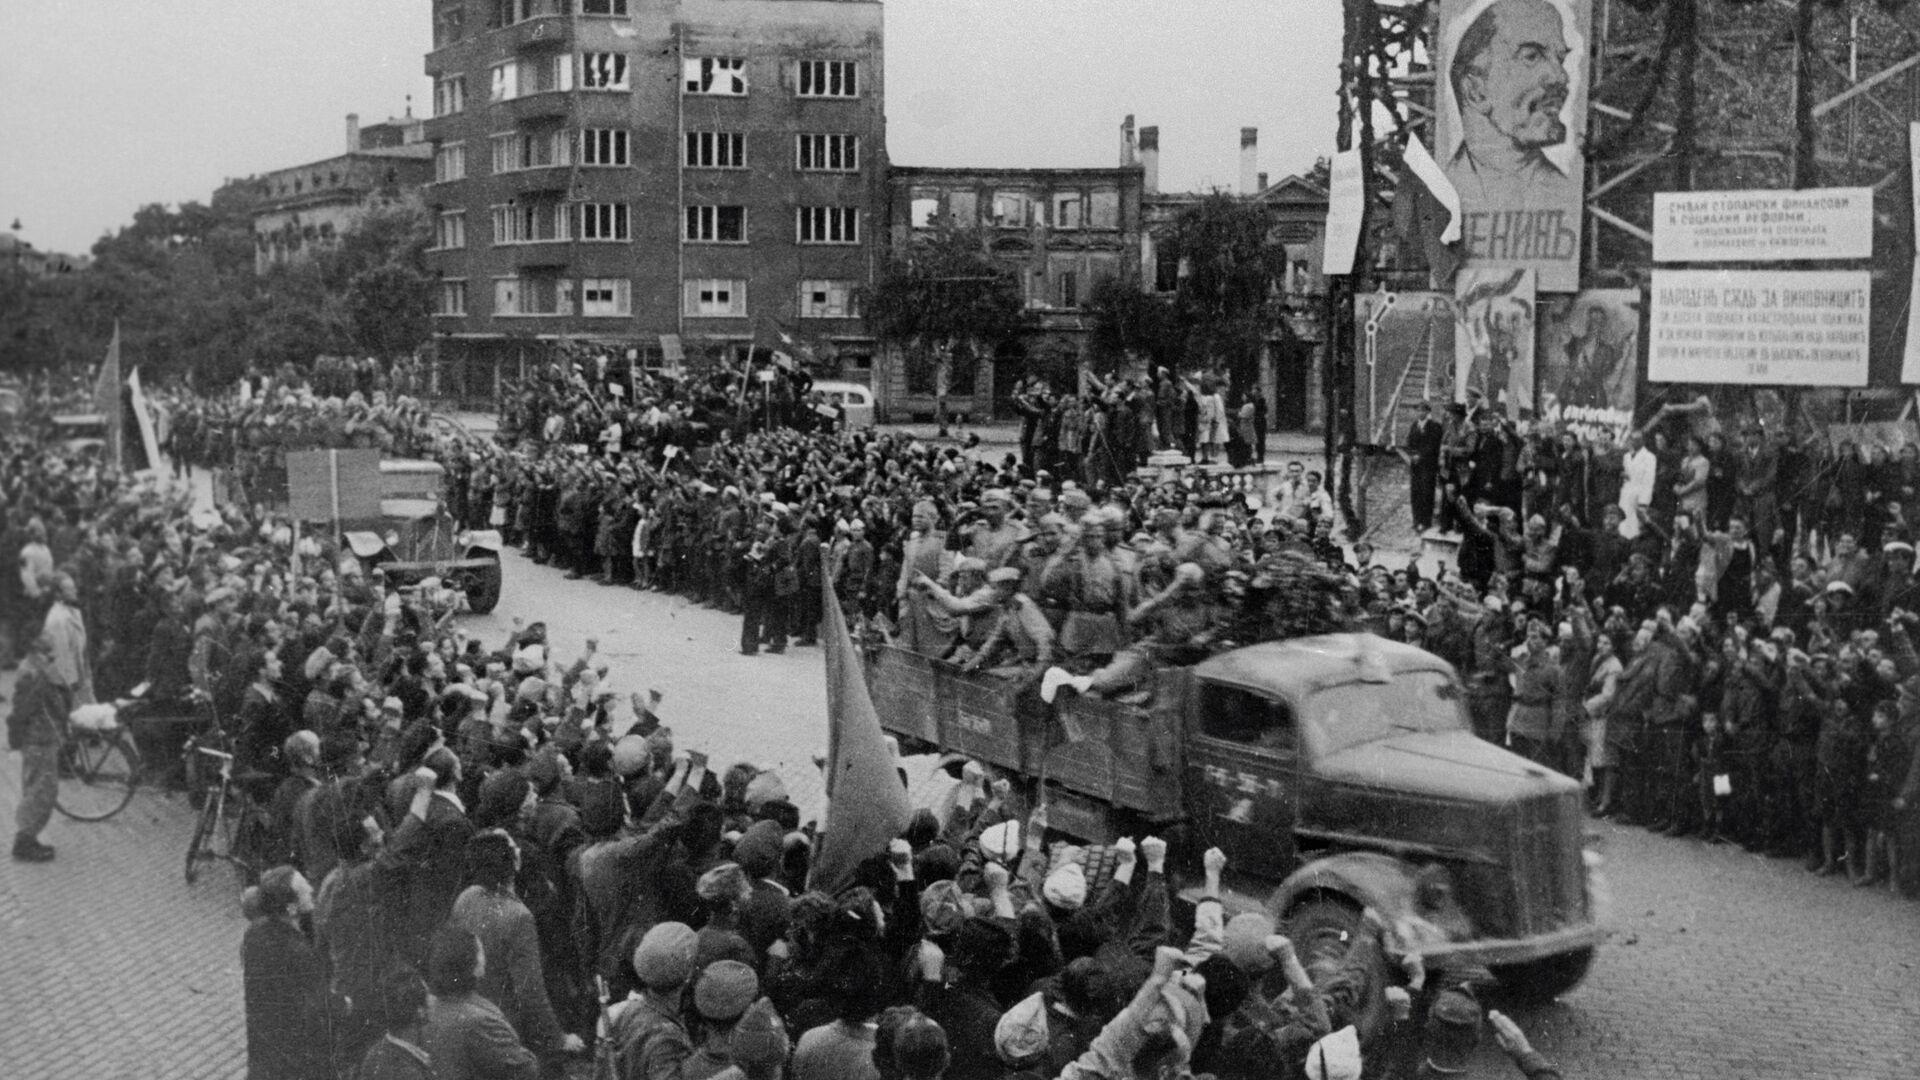 Становници Софије поздрављају совјетске војнике ослободиоце - Sputnik Србија, 1920, 09.09.2021